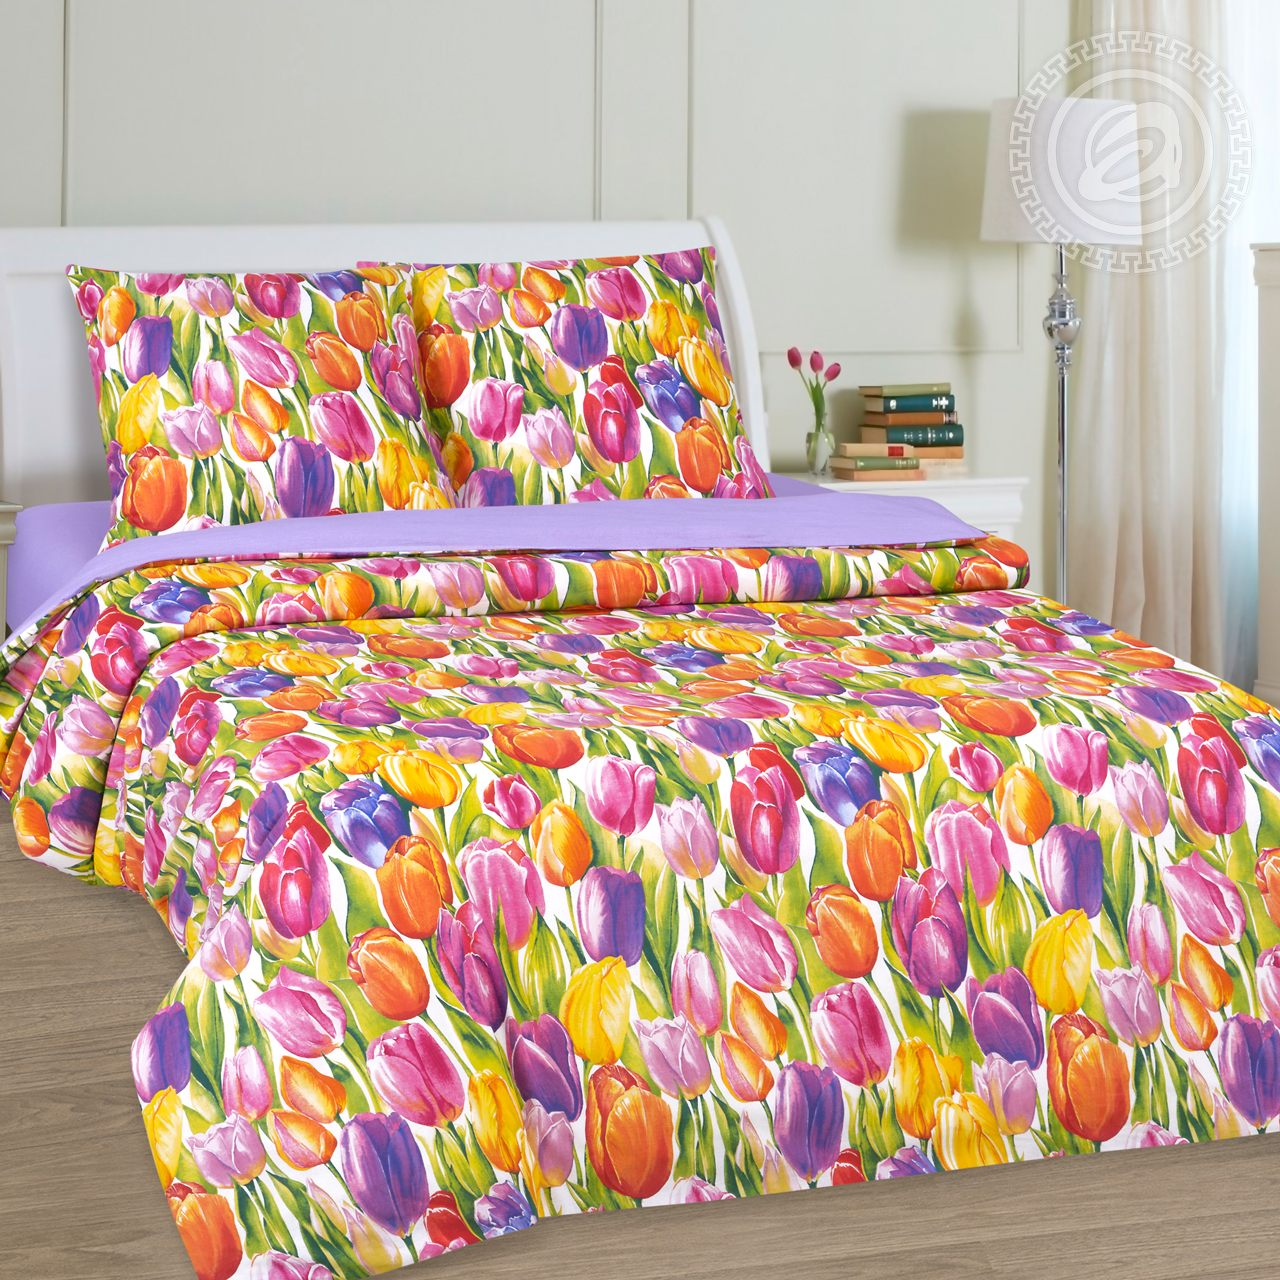 """Постельное белье """"Феерии"""" (поплин) (1,5 спальный) постельное белье экзотика 555 комплект 2 спальный поплин"""